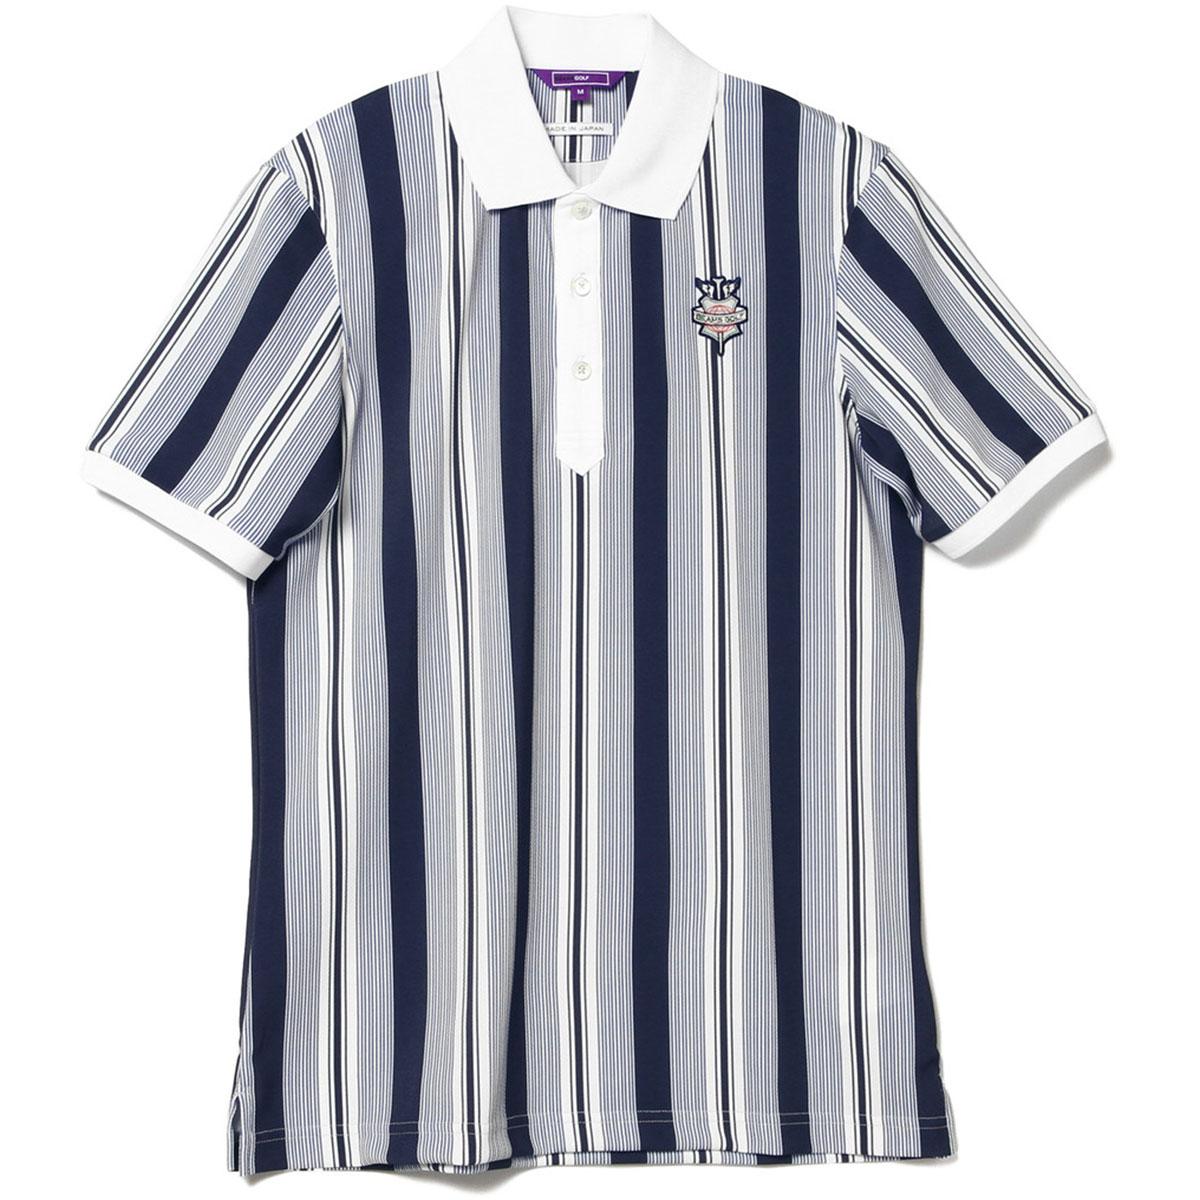 BEAMS GOLF PURPLE LABEL ランダム ストライプ ポロシャツ